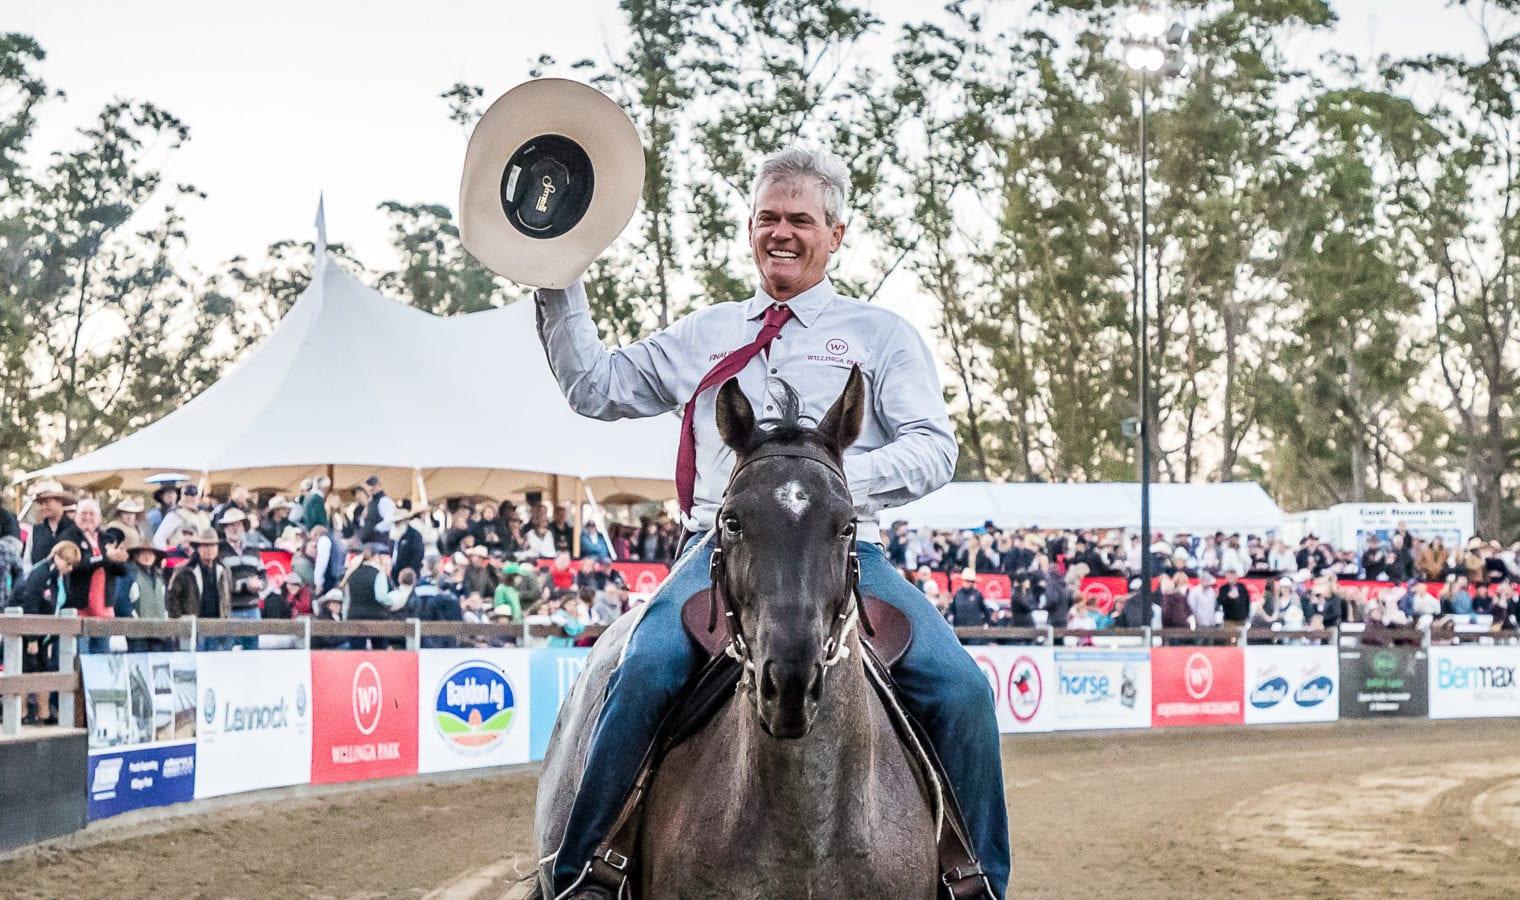 Winning rider of campdraft